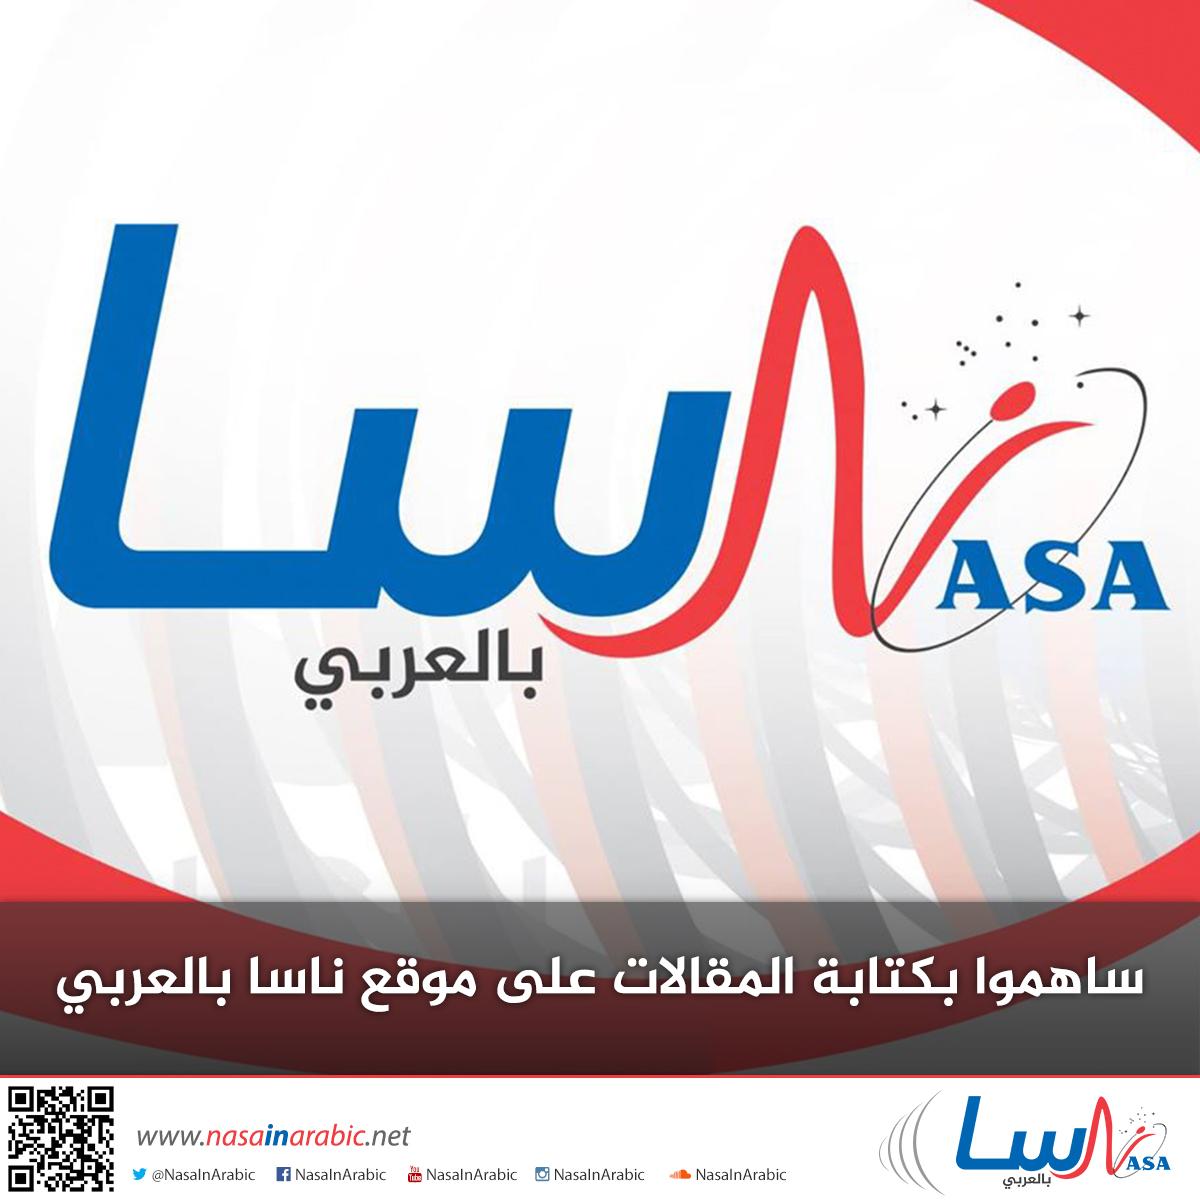 ساهموا بكتابة المقالات على موقع ناسا بالعربي